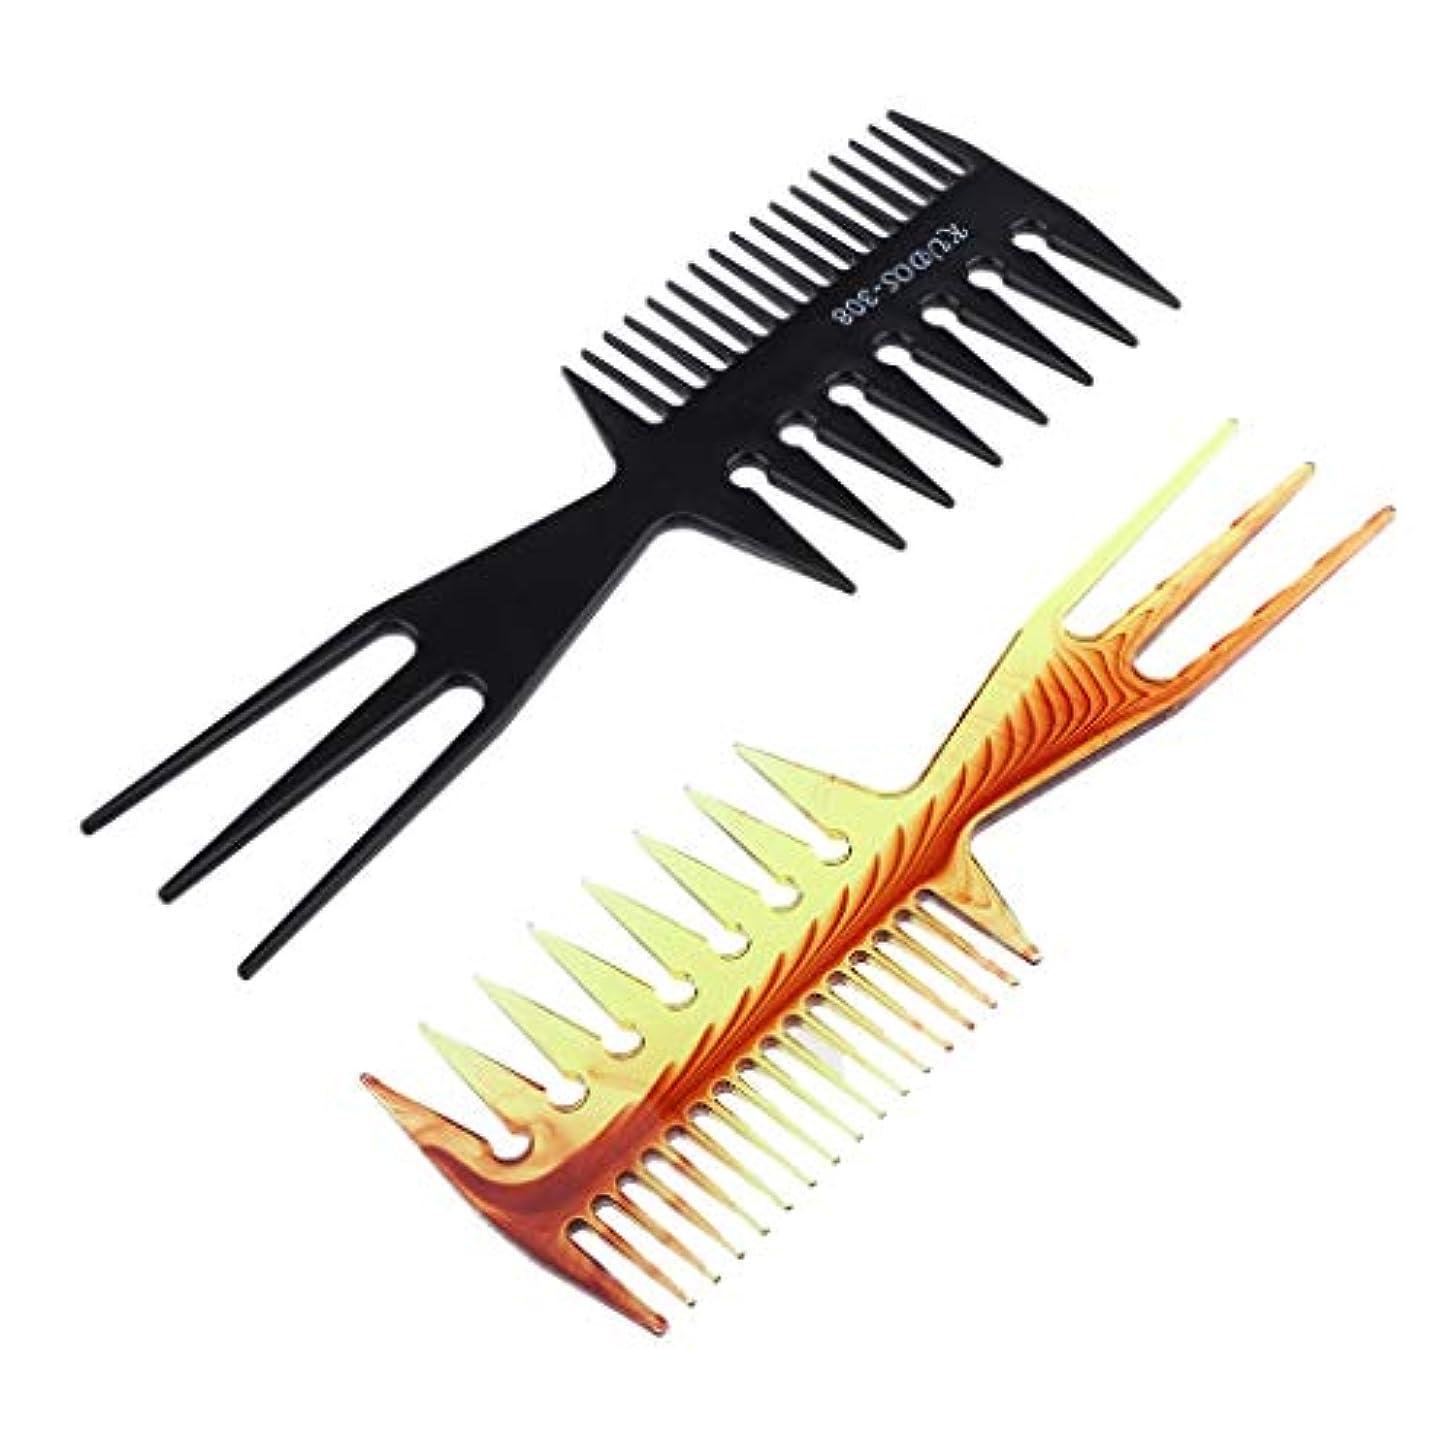 密接に落ち着いて薬ヘアダイブラシ 毛染めコーム 髪染め用ヘアコーム サロン 美髪師用 DIY髪染め用 2個セット